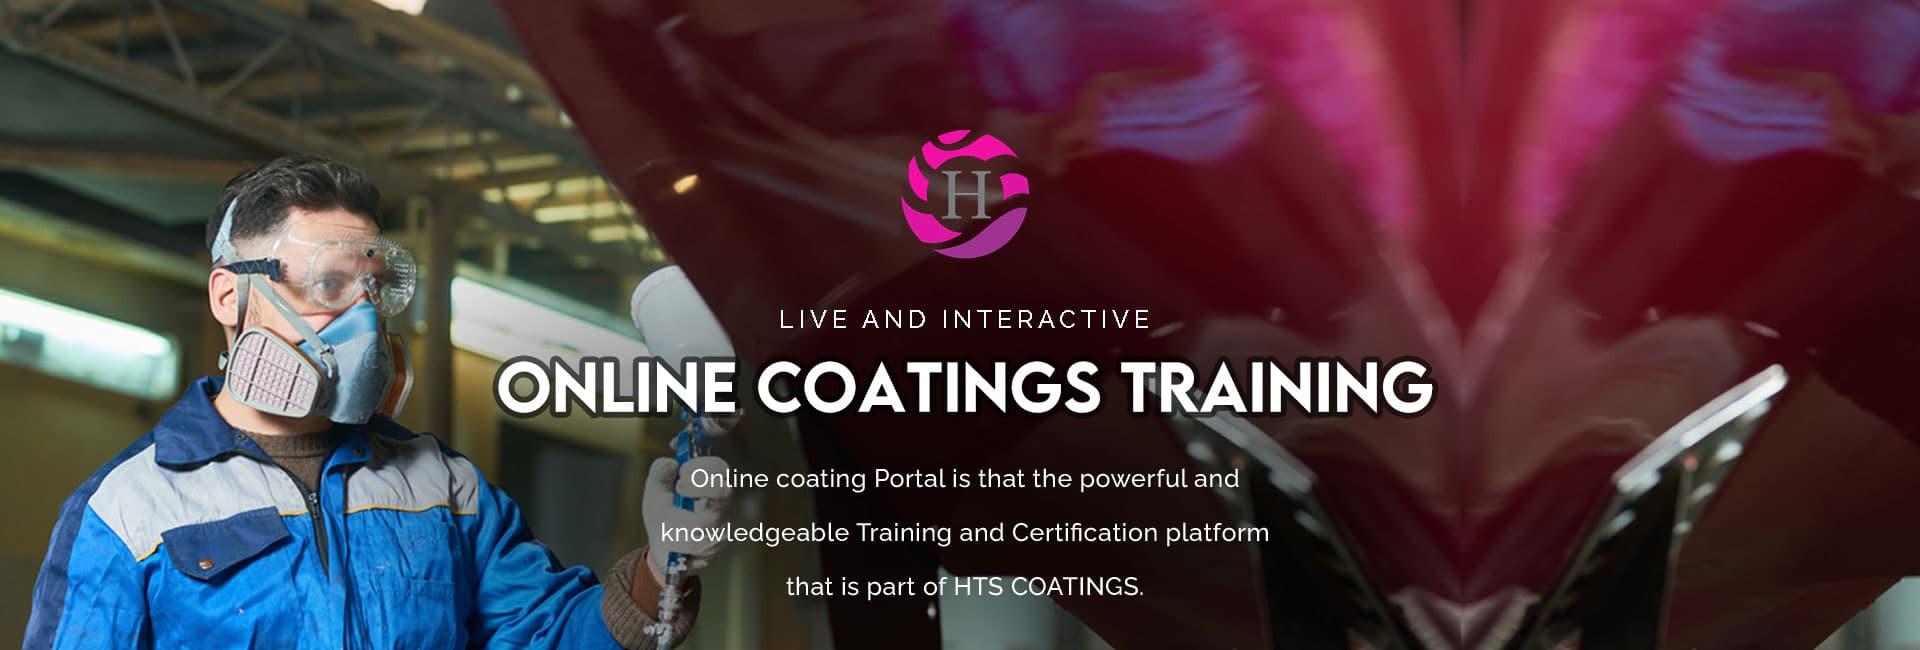 mga coatings sa online, Hts coatings